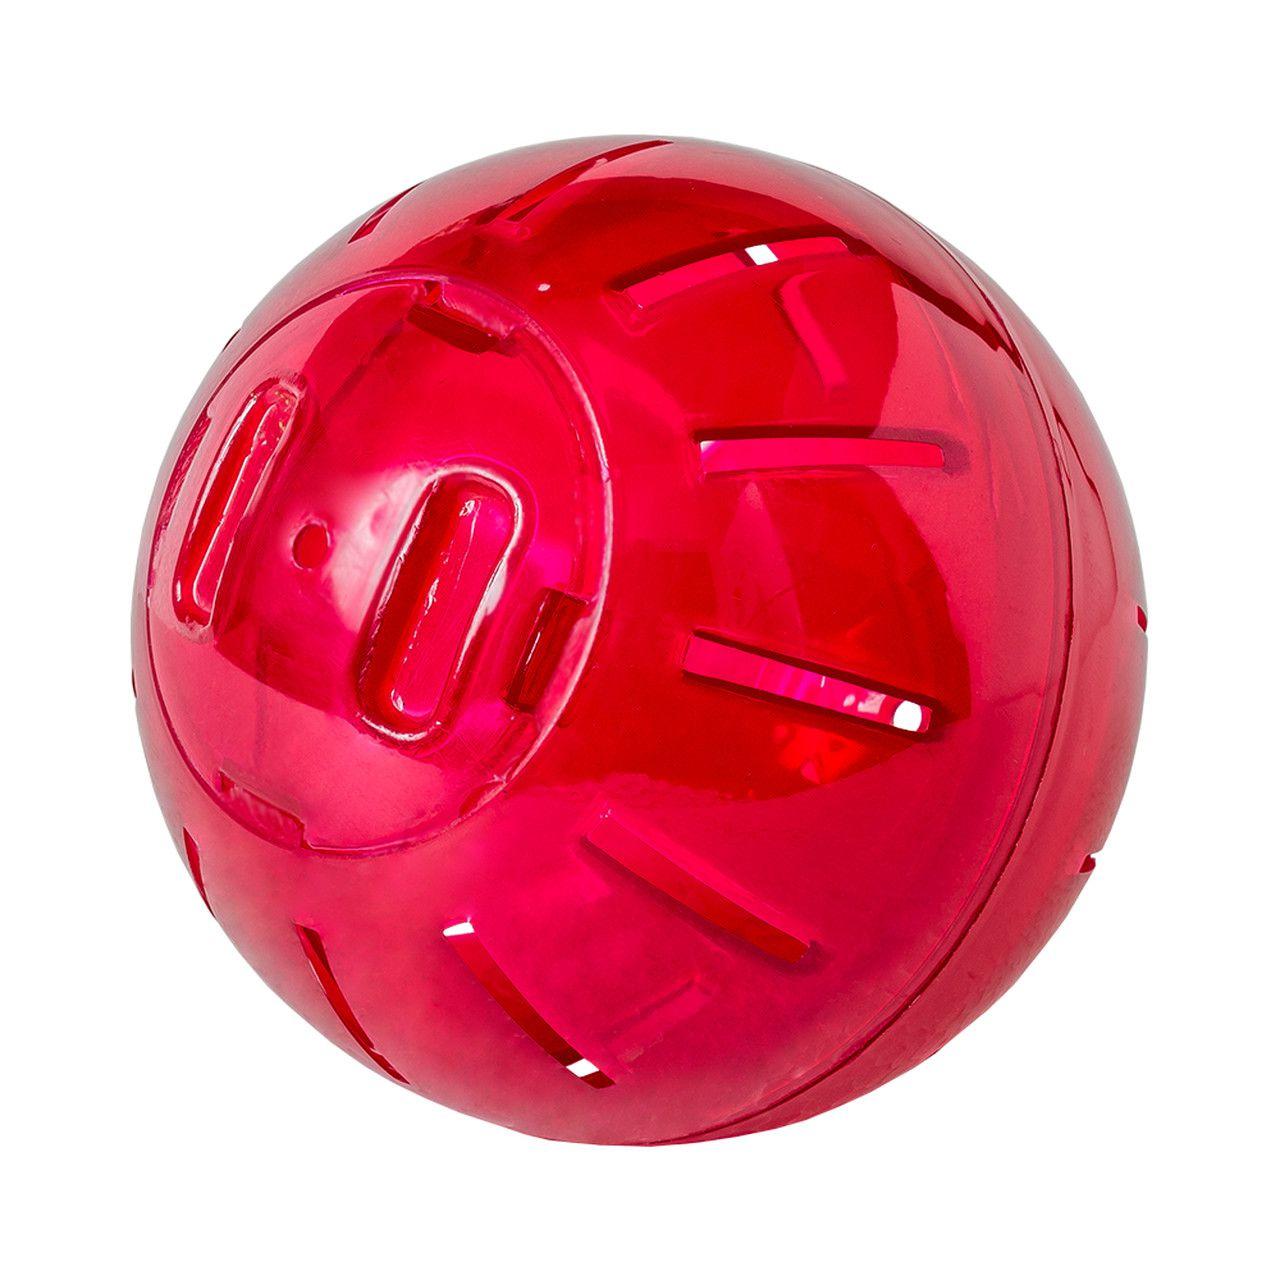 Globo Acrilico P/Hamster Ref.607 Jel Plast